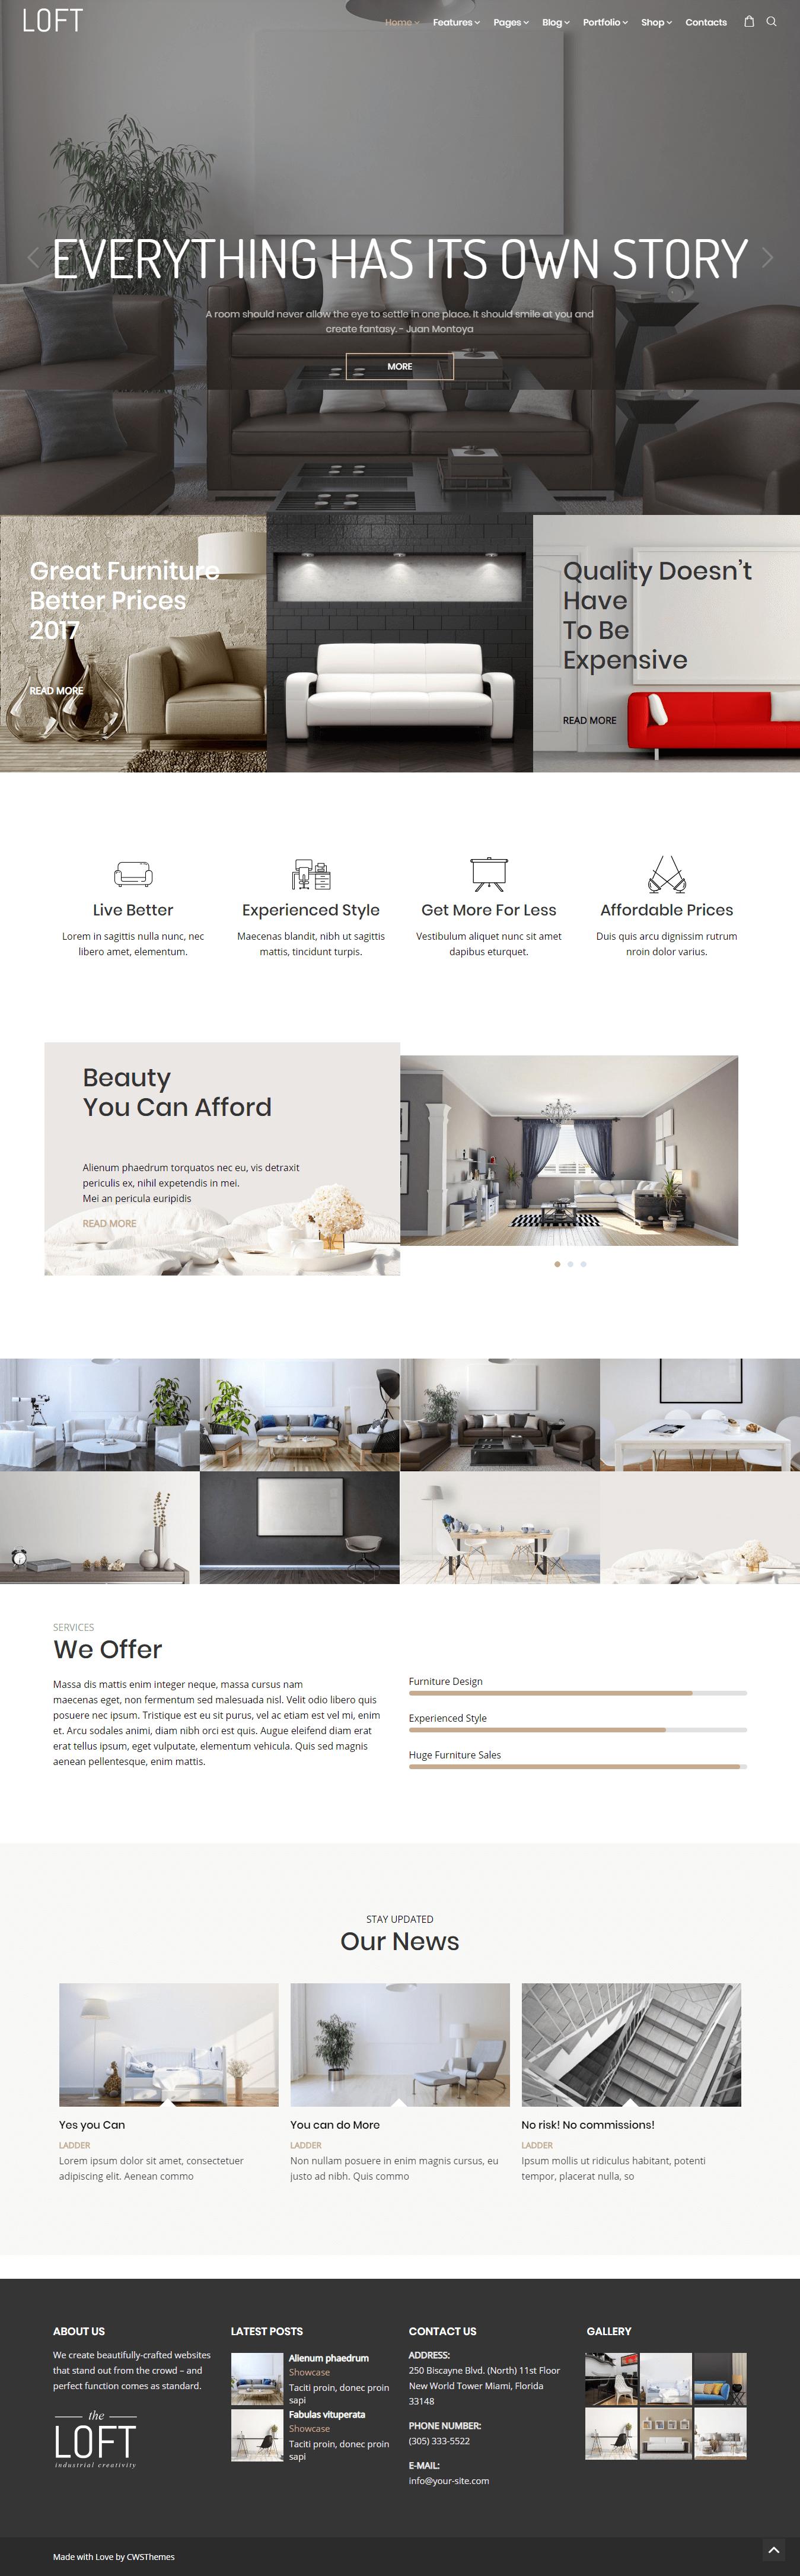 Loft - Mejor tema de WordPress para diseño de interiores premium